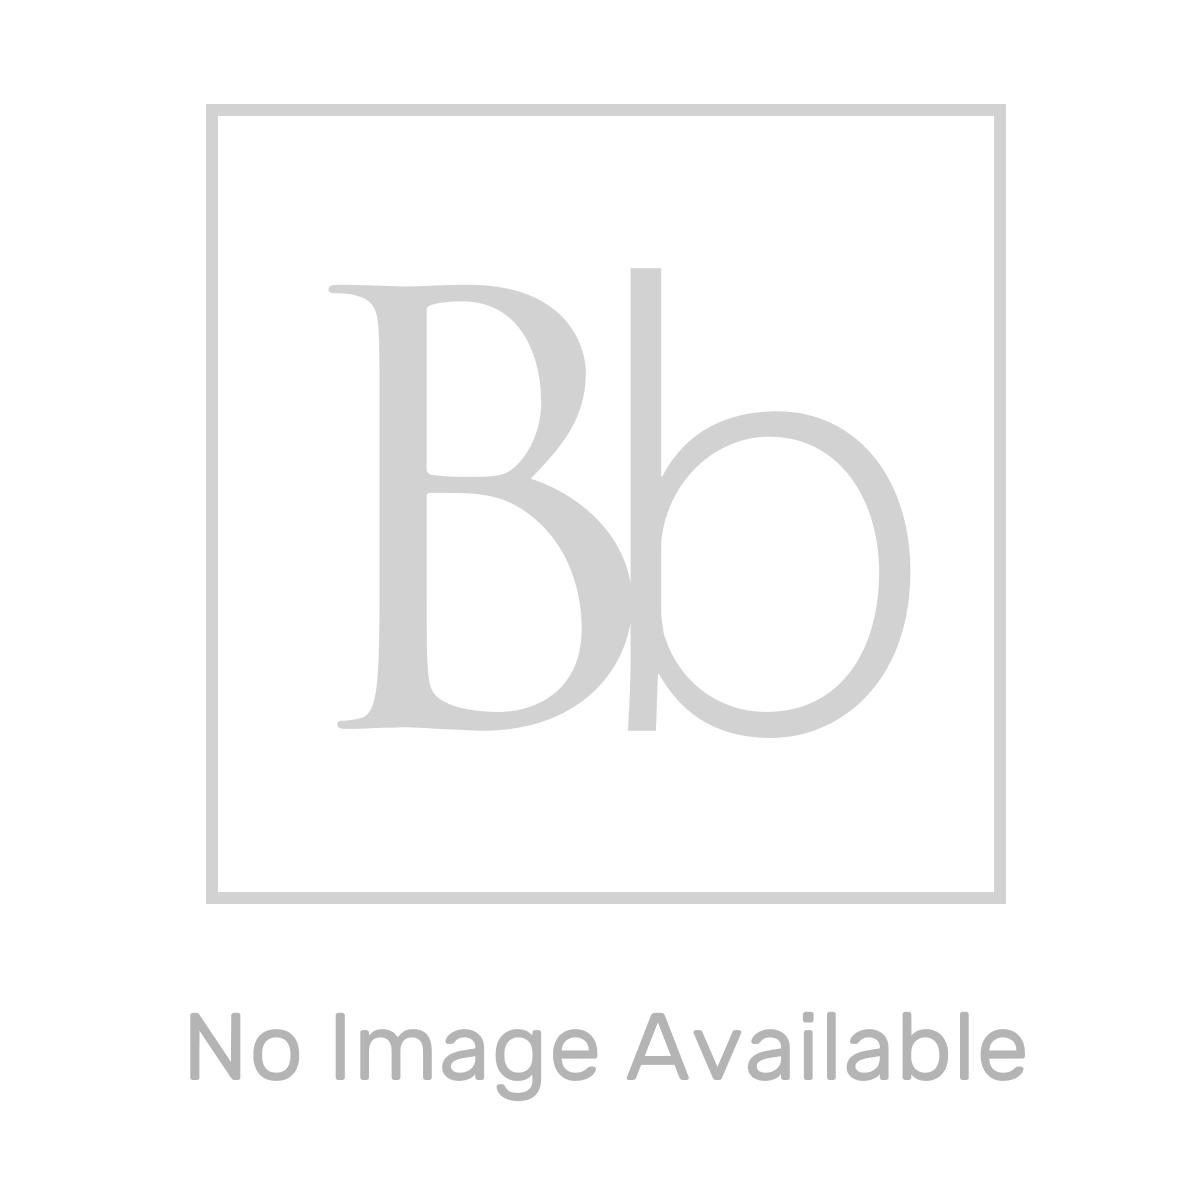 RAK Resort Ensuite Bathroom with Apex Sliding Shower Enclosure